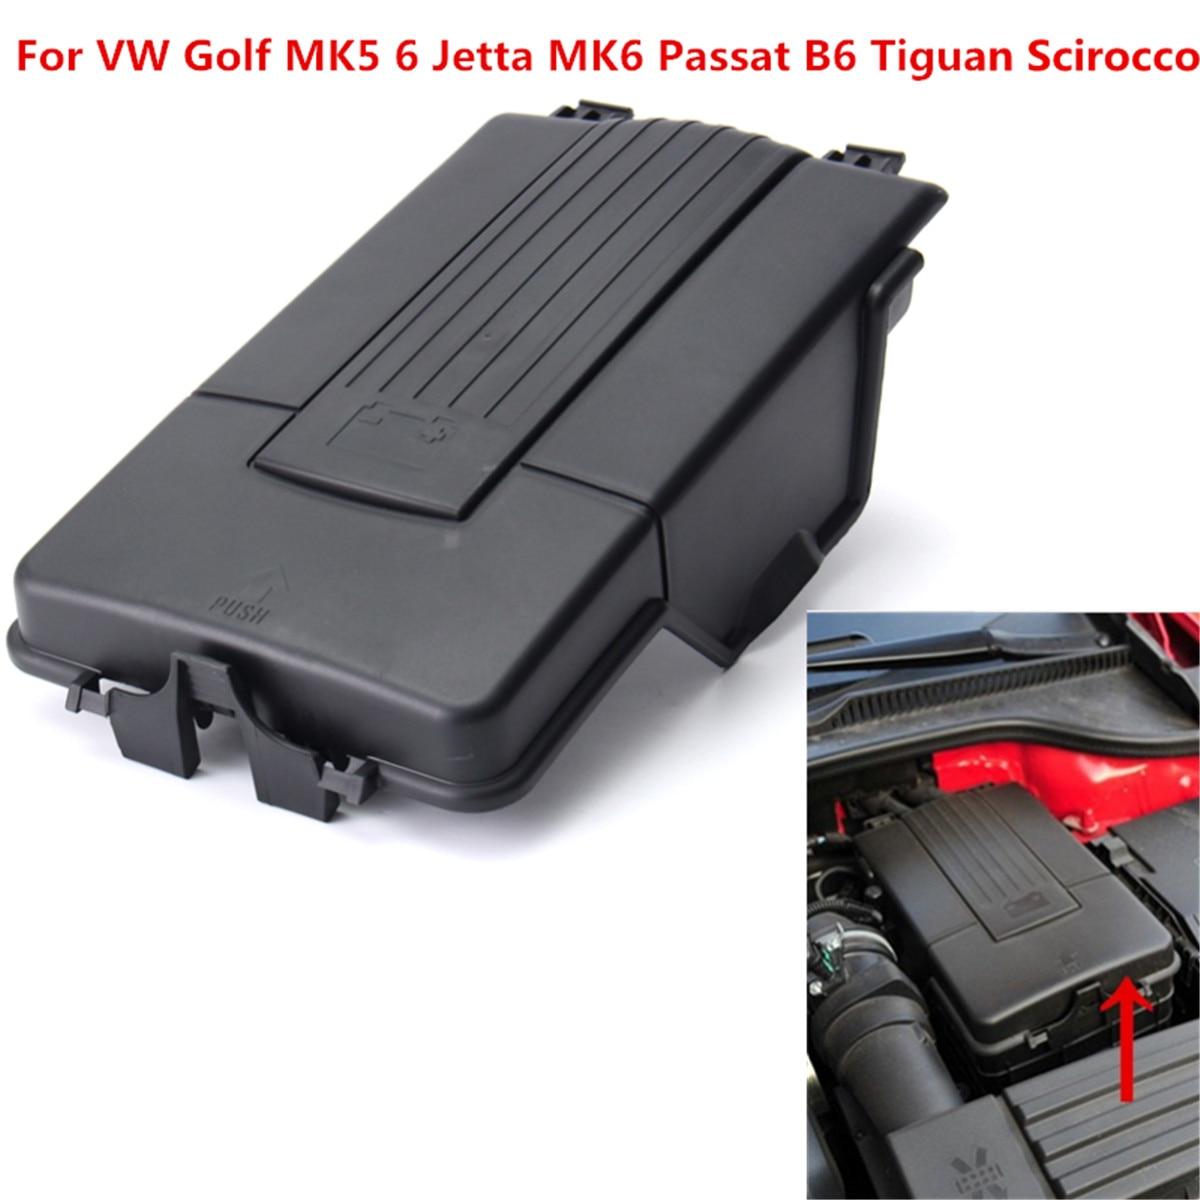 Neue Batterie Abdeckung Top Deckel Fach Passt Für VW Golf MK5 6 Jetta MK6 Passat B6 Tiguan Scirocco Kunststoff 1K0 915 443 EIN